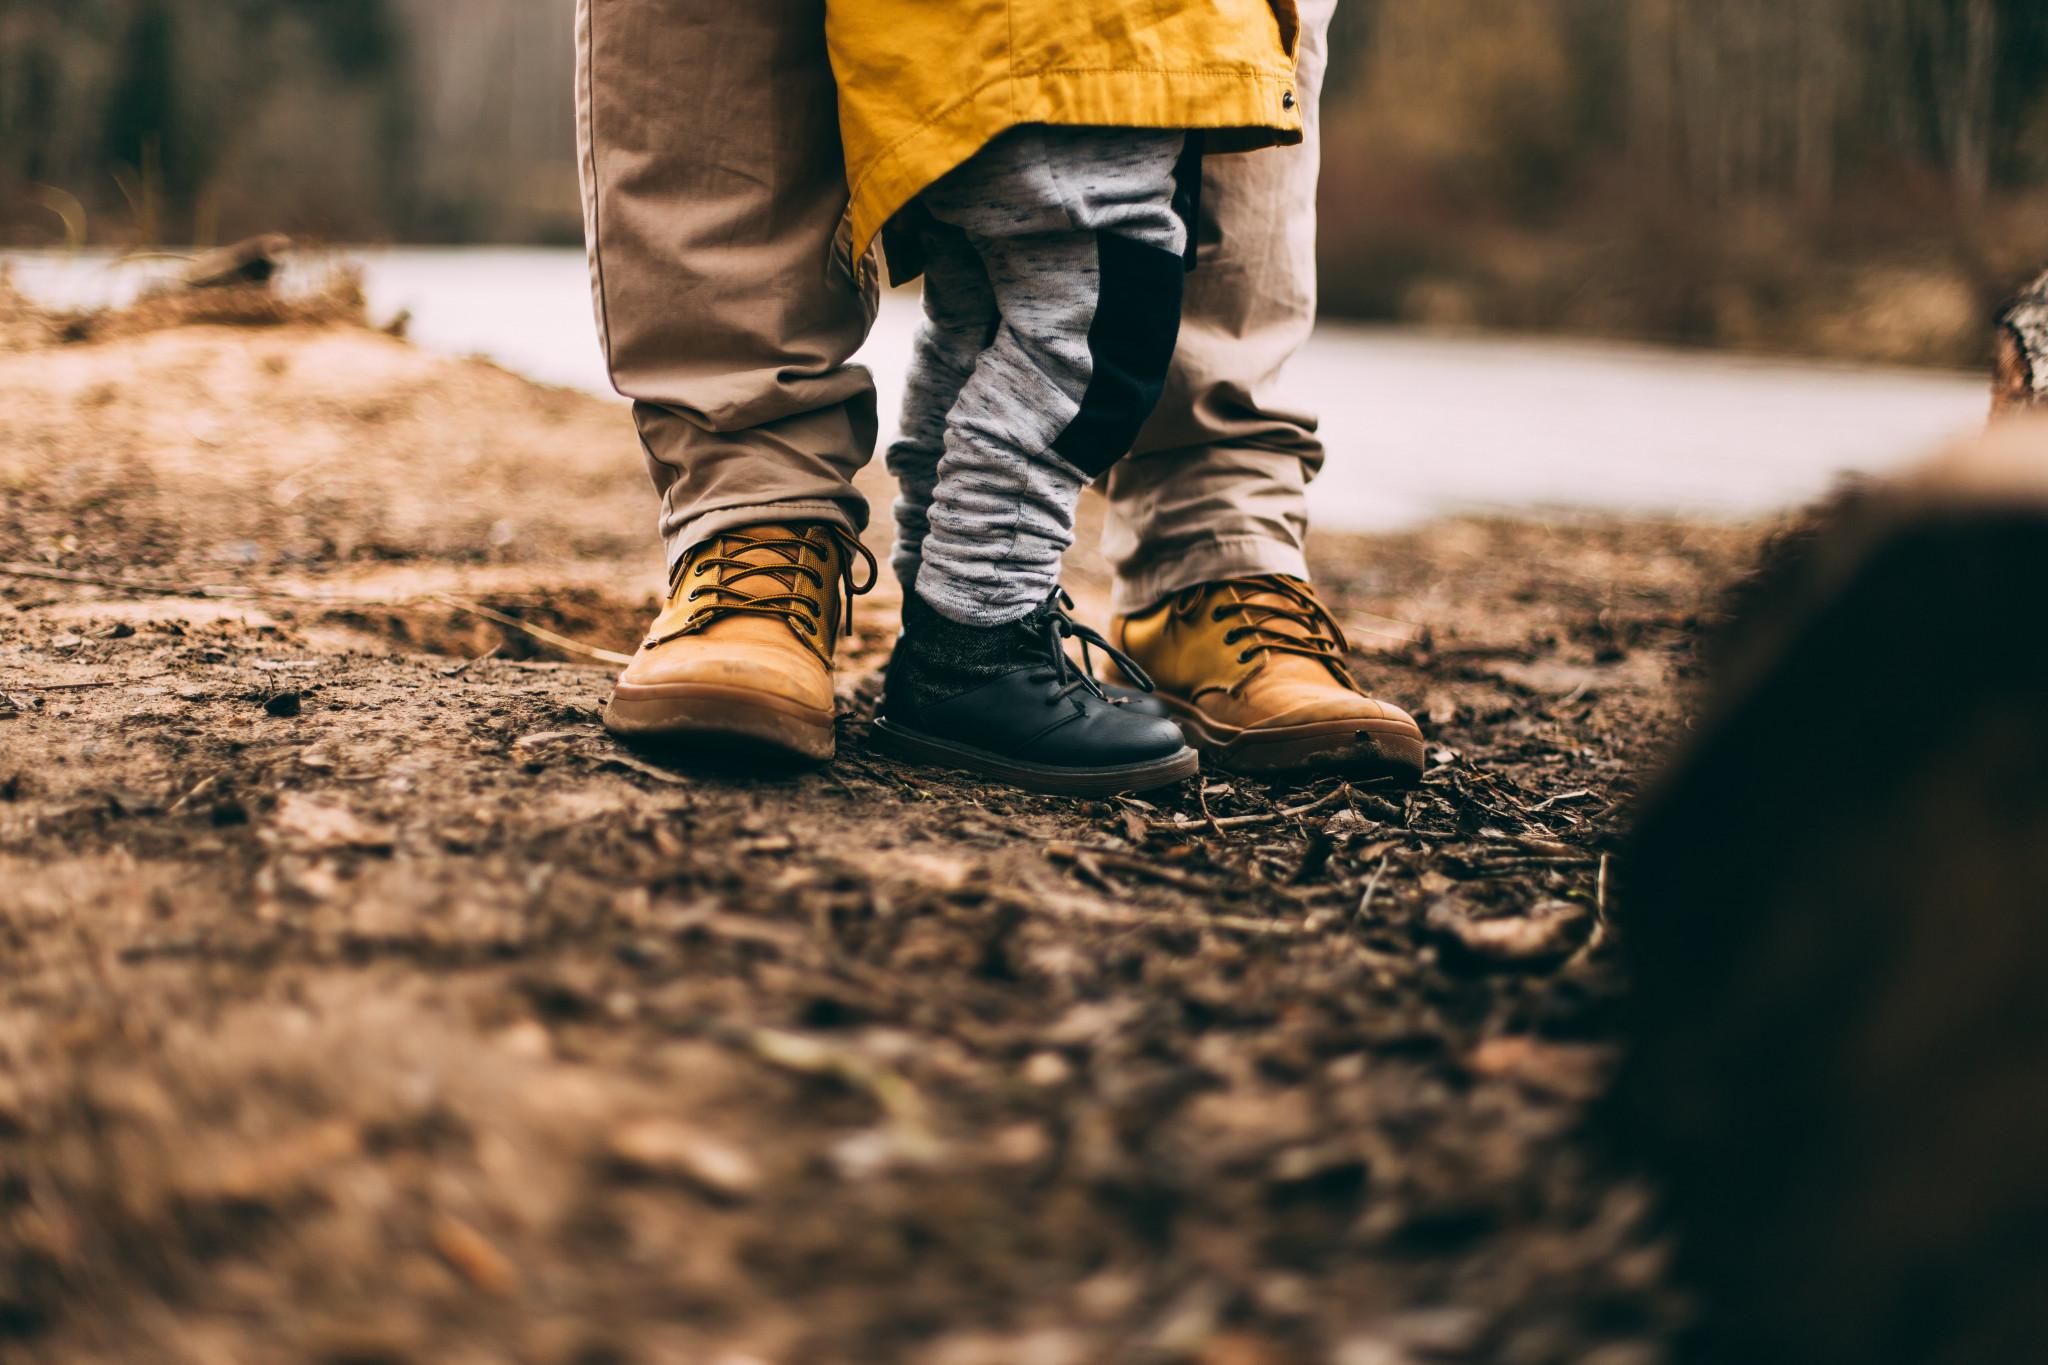 Förälder och barn med boots i fokus ståendes i skogsmiljö.